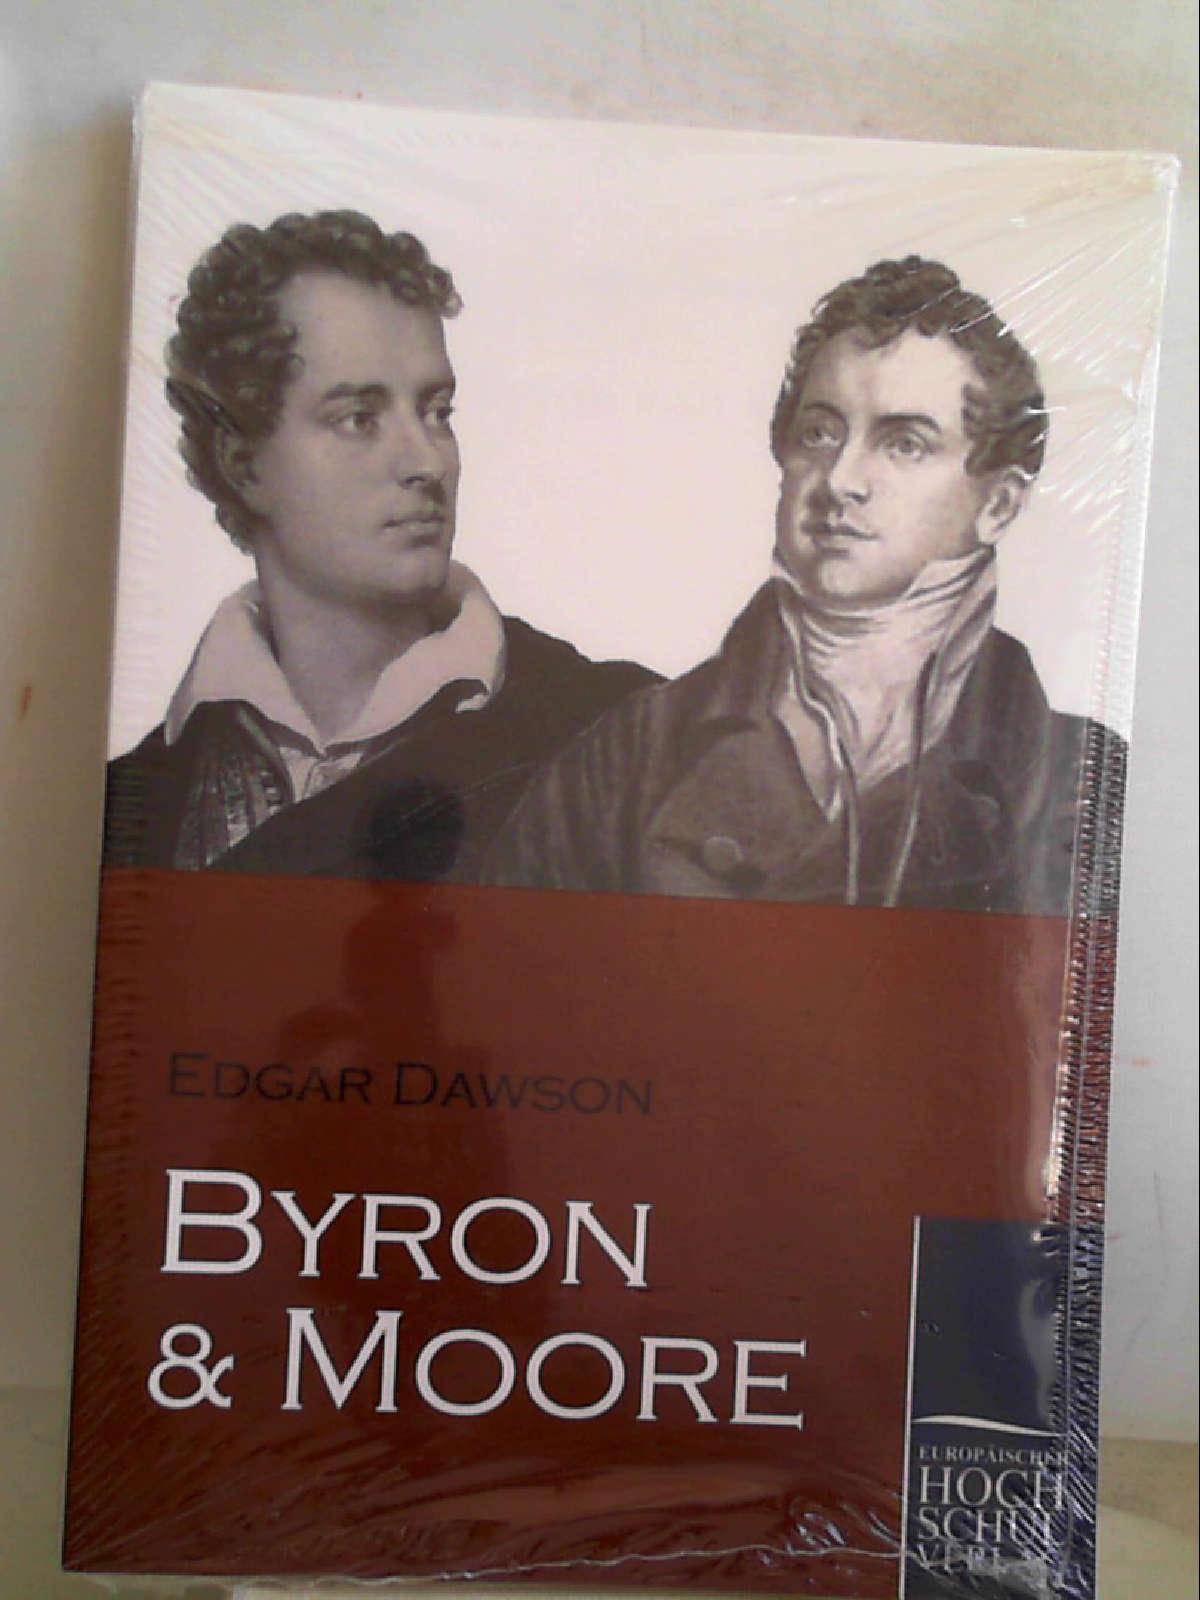 Byron und Moore [Paperback] Dawson, Edgar - Edgar Dawson